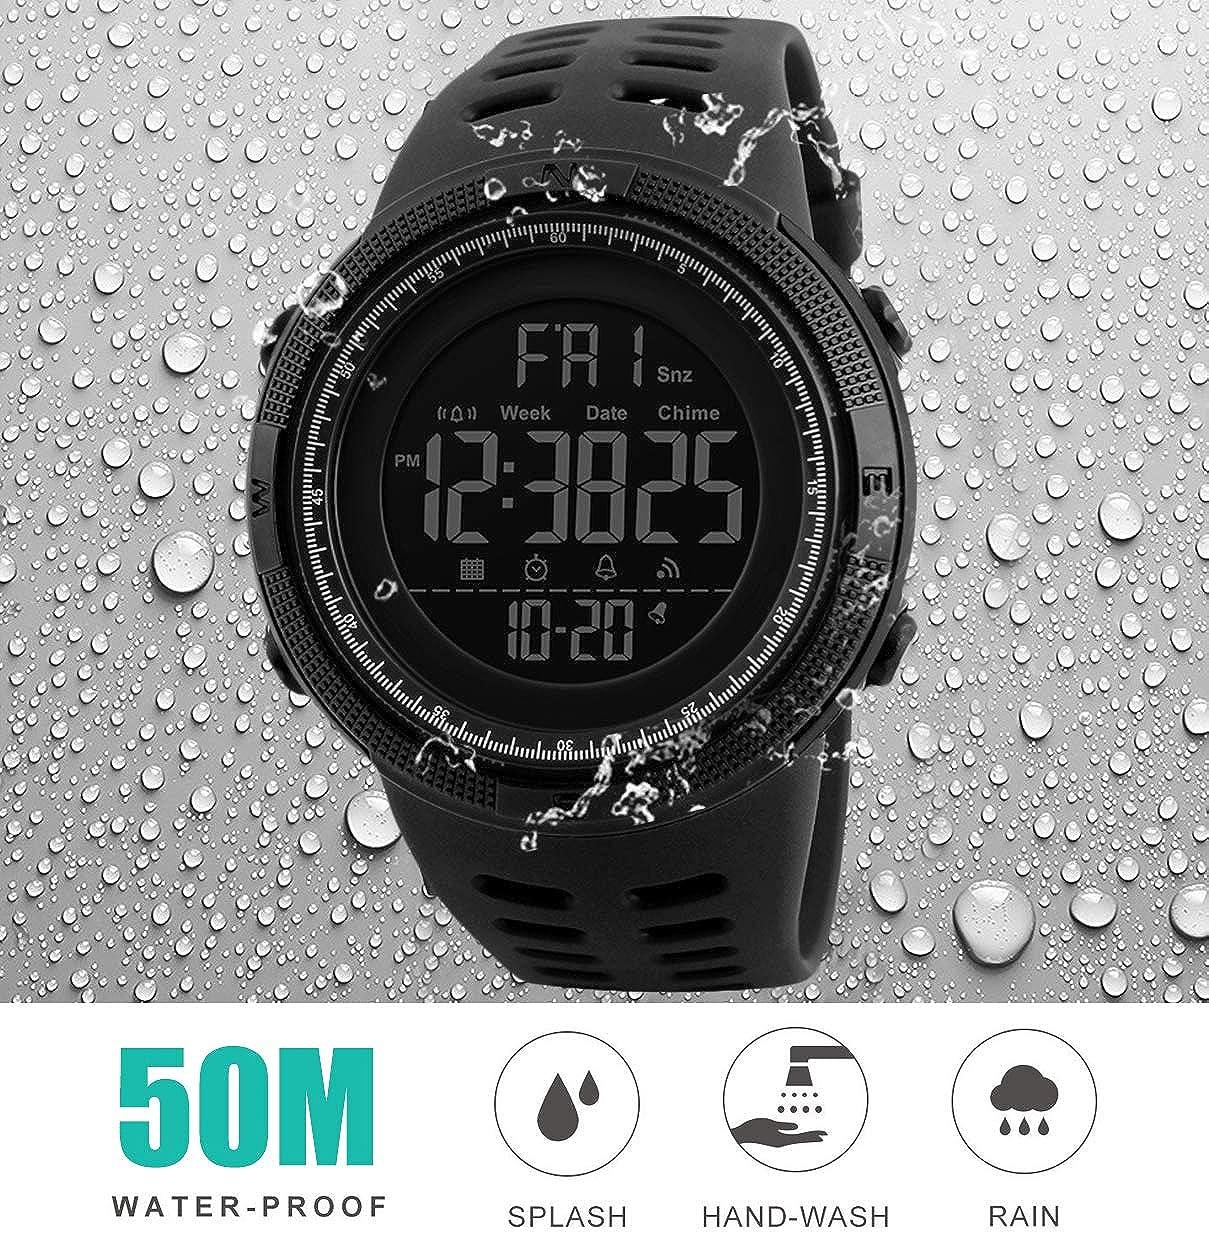 Reloj Digital para Hombre - 50M impermeable Deportivo Relojes de pulsera Prueba para Hombre, Reloj Militar Negro LED con Alarma/cuenta regresiva/Cronómetro ...